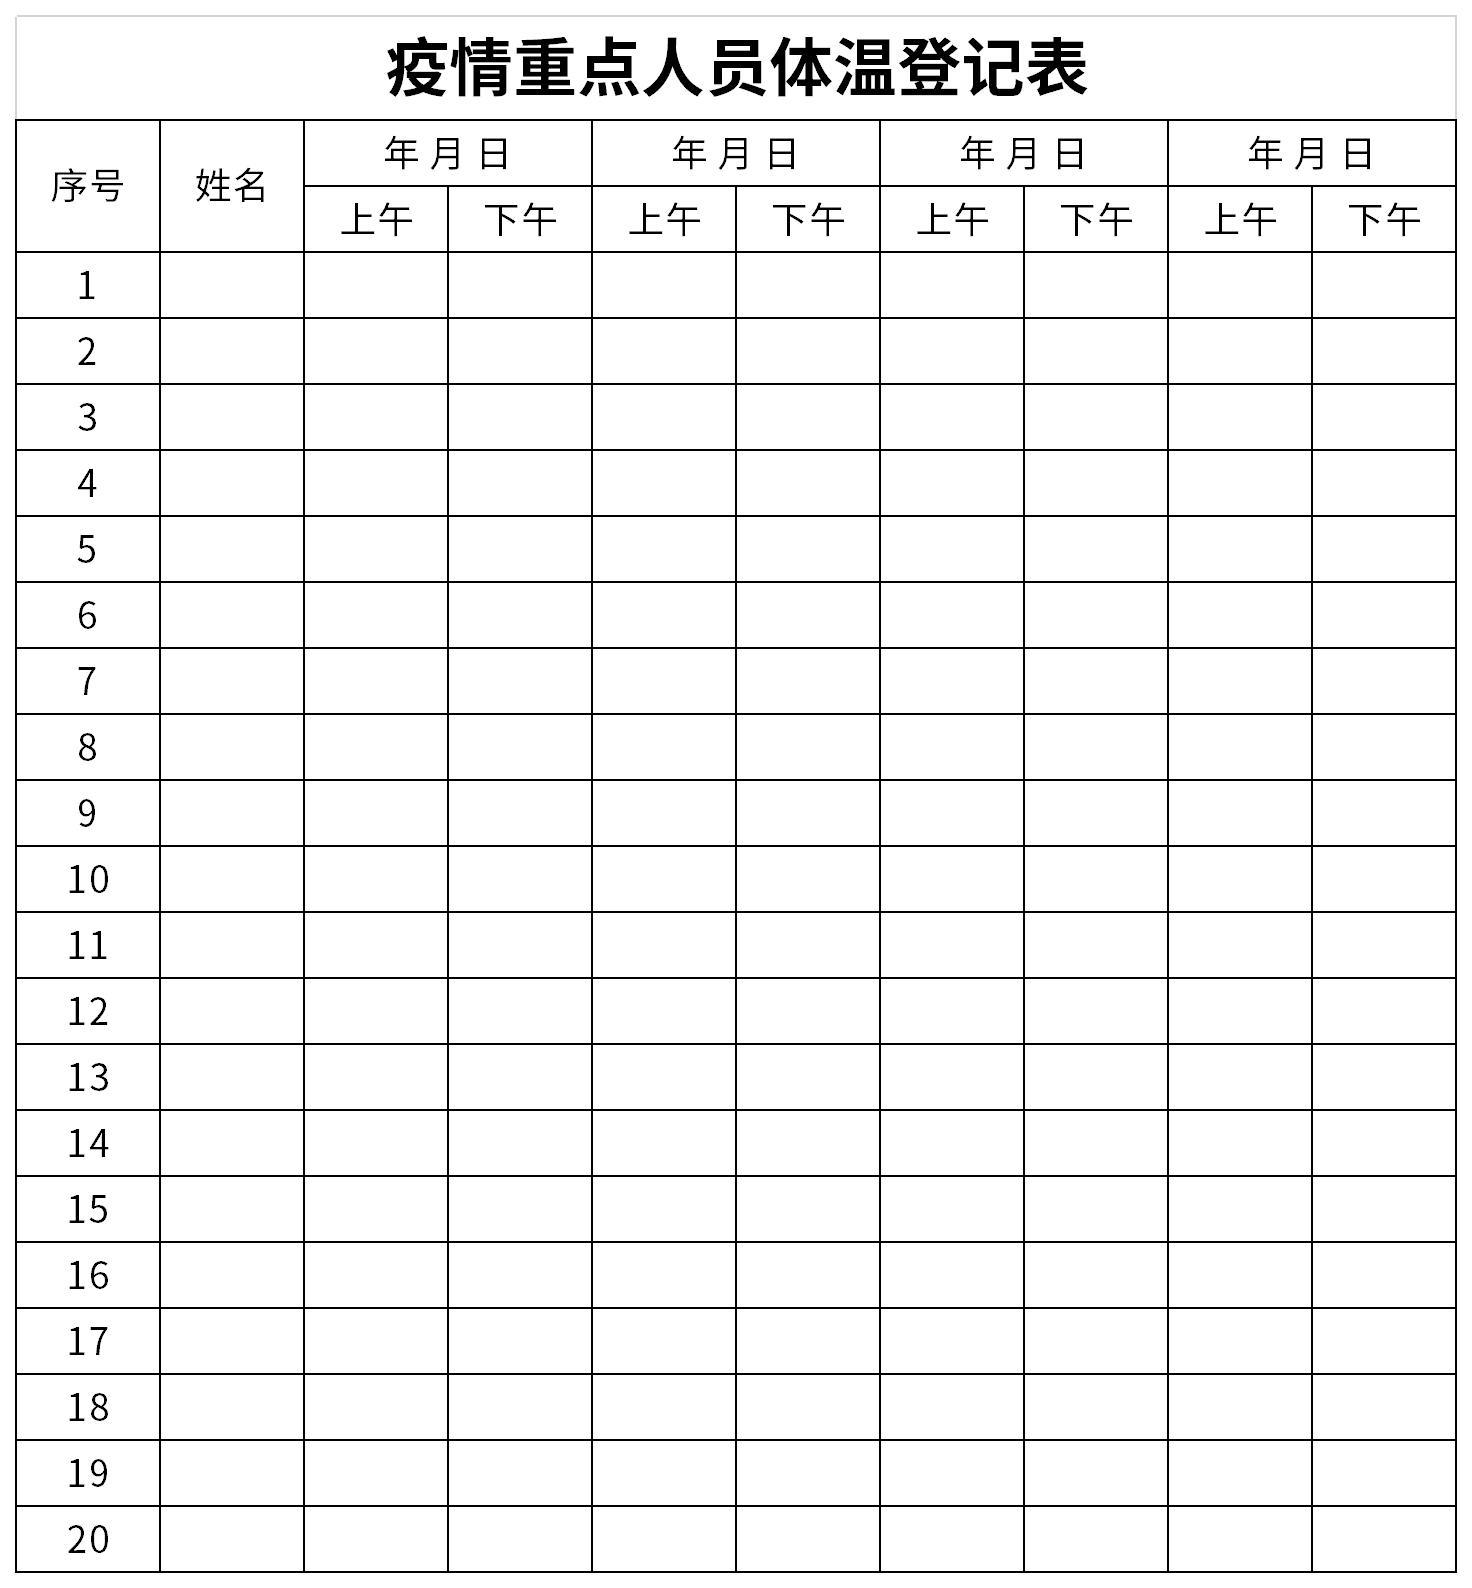 疫情重点人员体温登记表截图